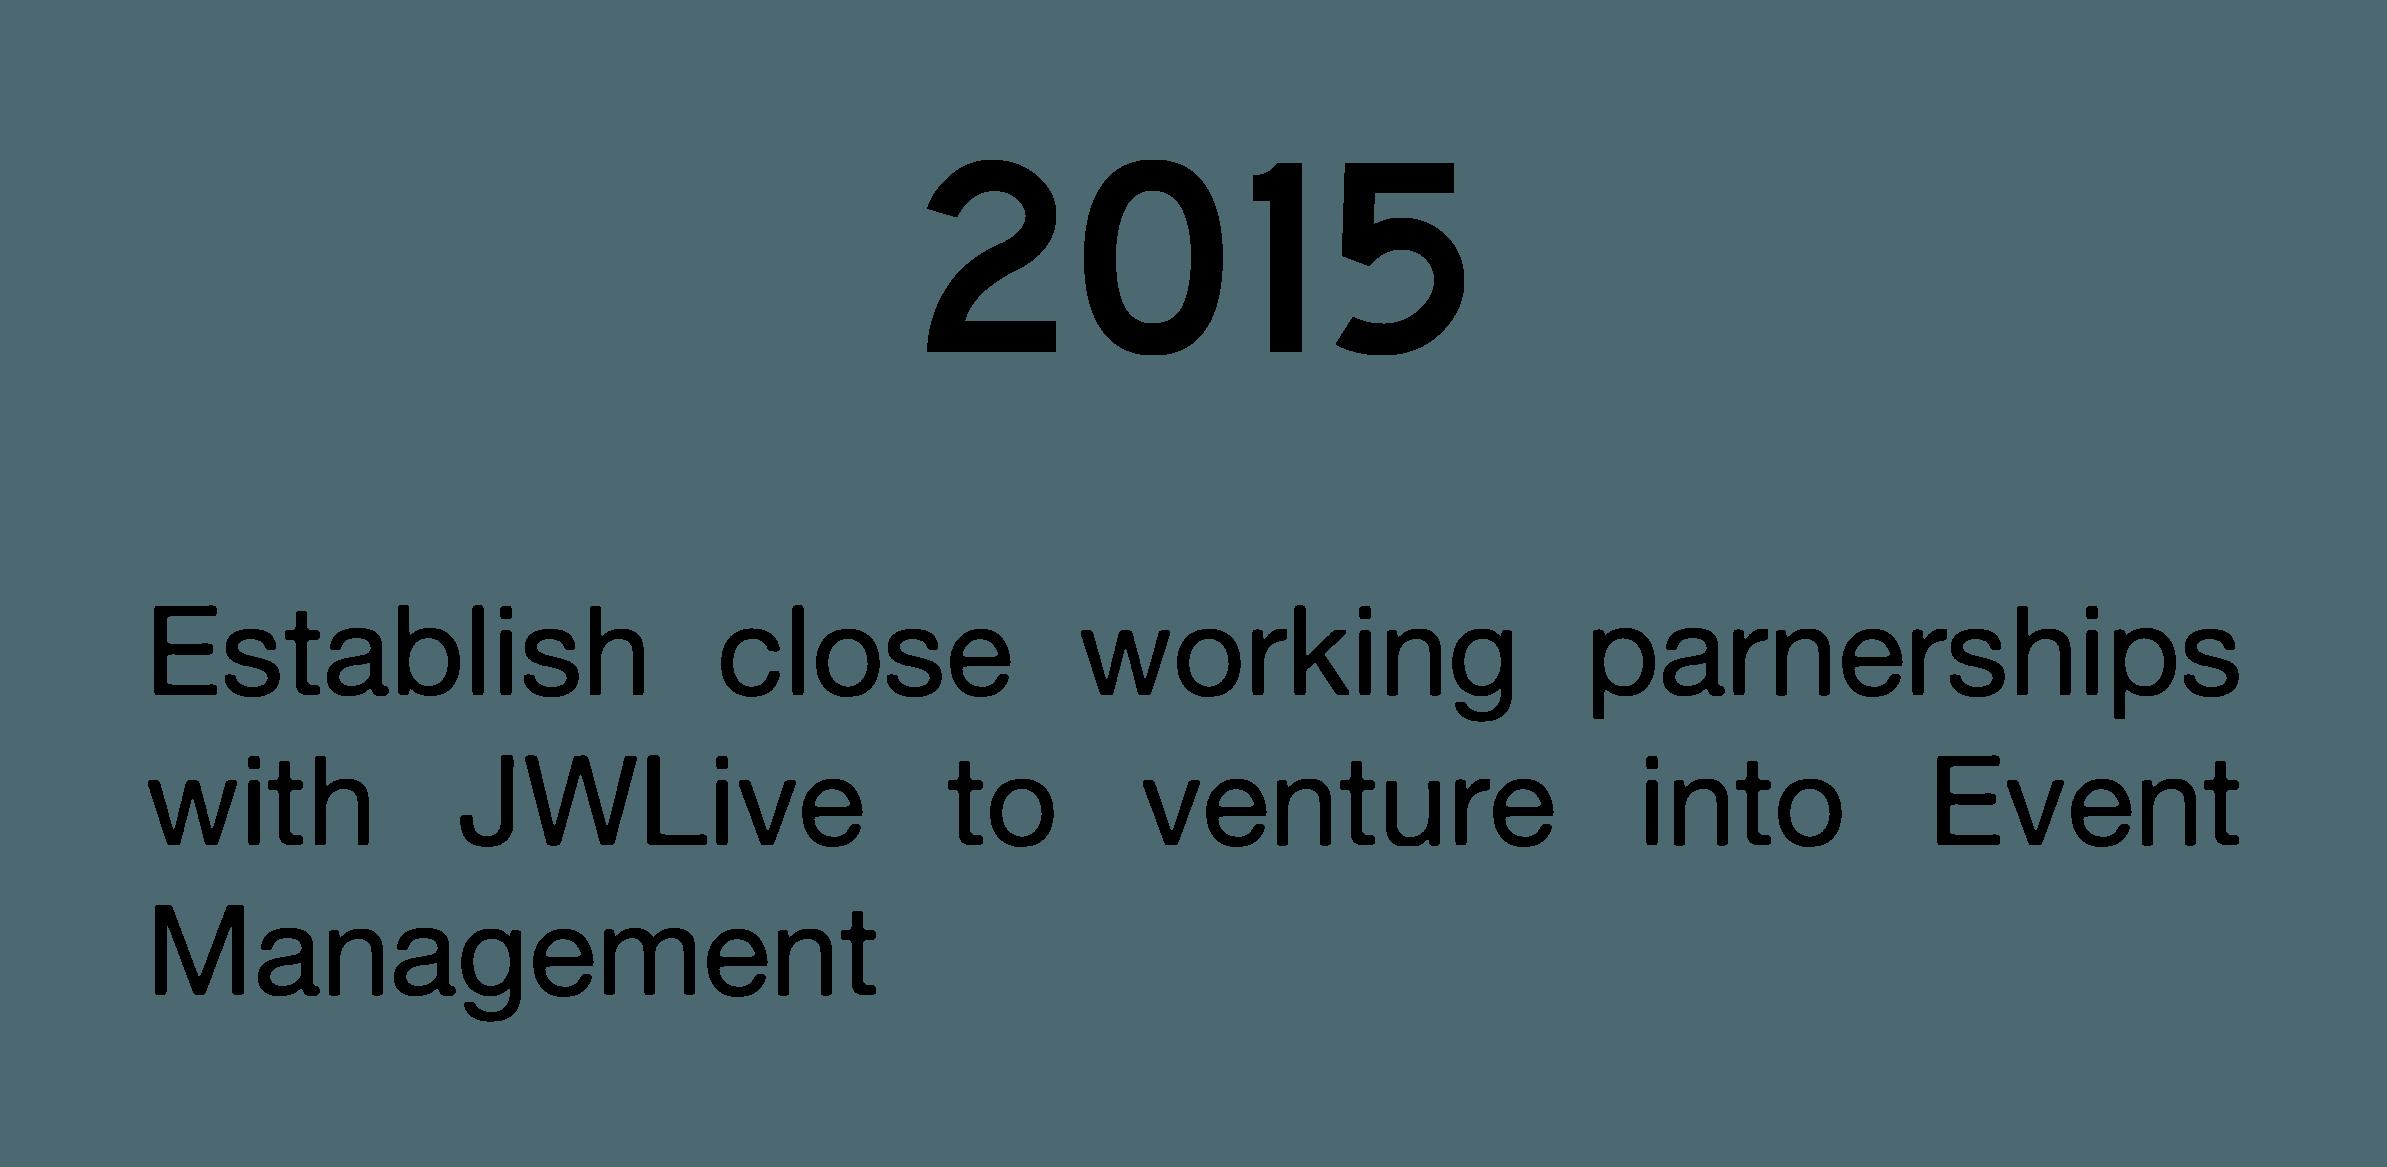 JWLive 2015